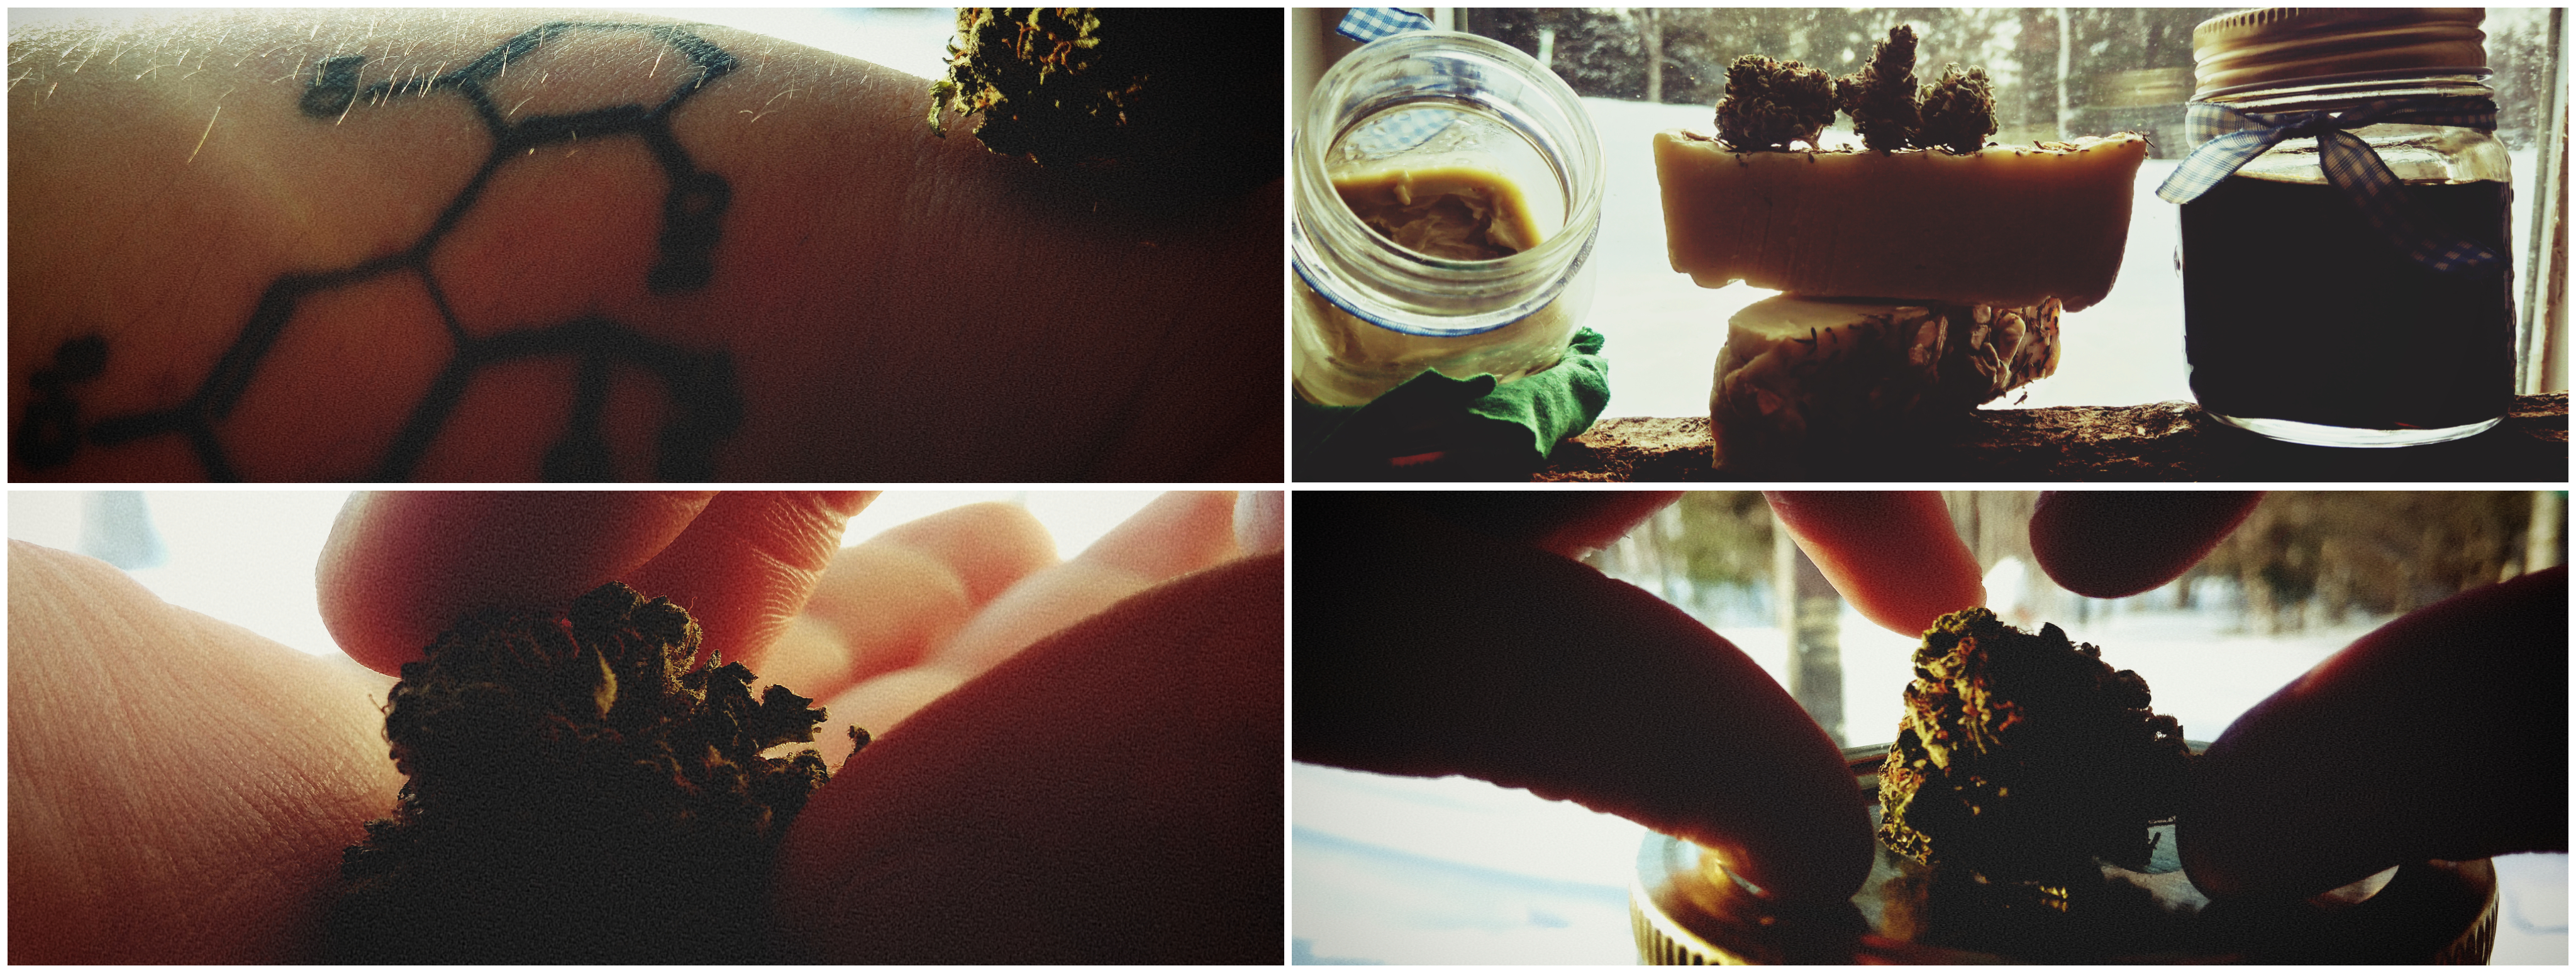 savon huile Cannabis thérapeutique savon huile CBD Quebec Ju et Mel